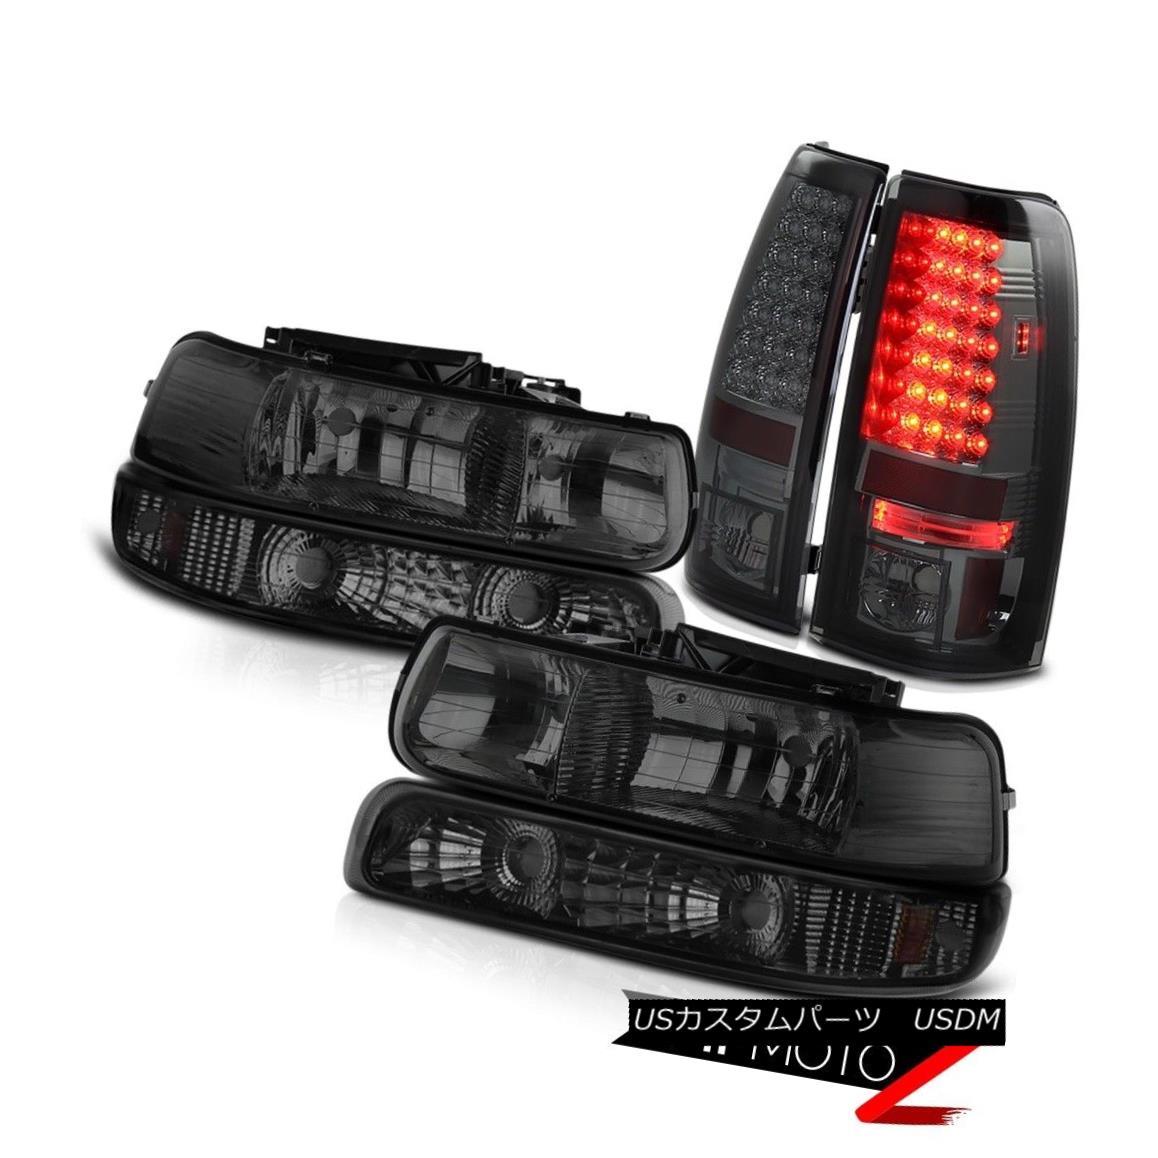 ヘッドライト 1999-2002 Chevy Silverado Headlight Bumper Corner Lamp Dark LED Brake Tail Light 1999-2002シボレーシルバラードヘッドライトバンパーコーナーランプダークLEDブレーキテールライト